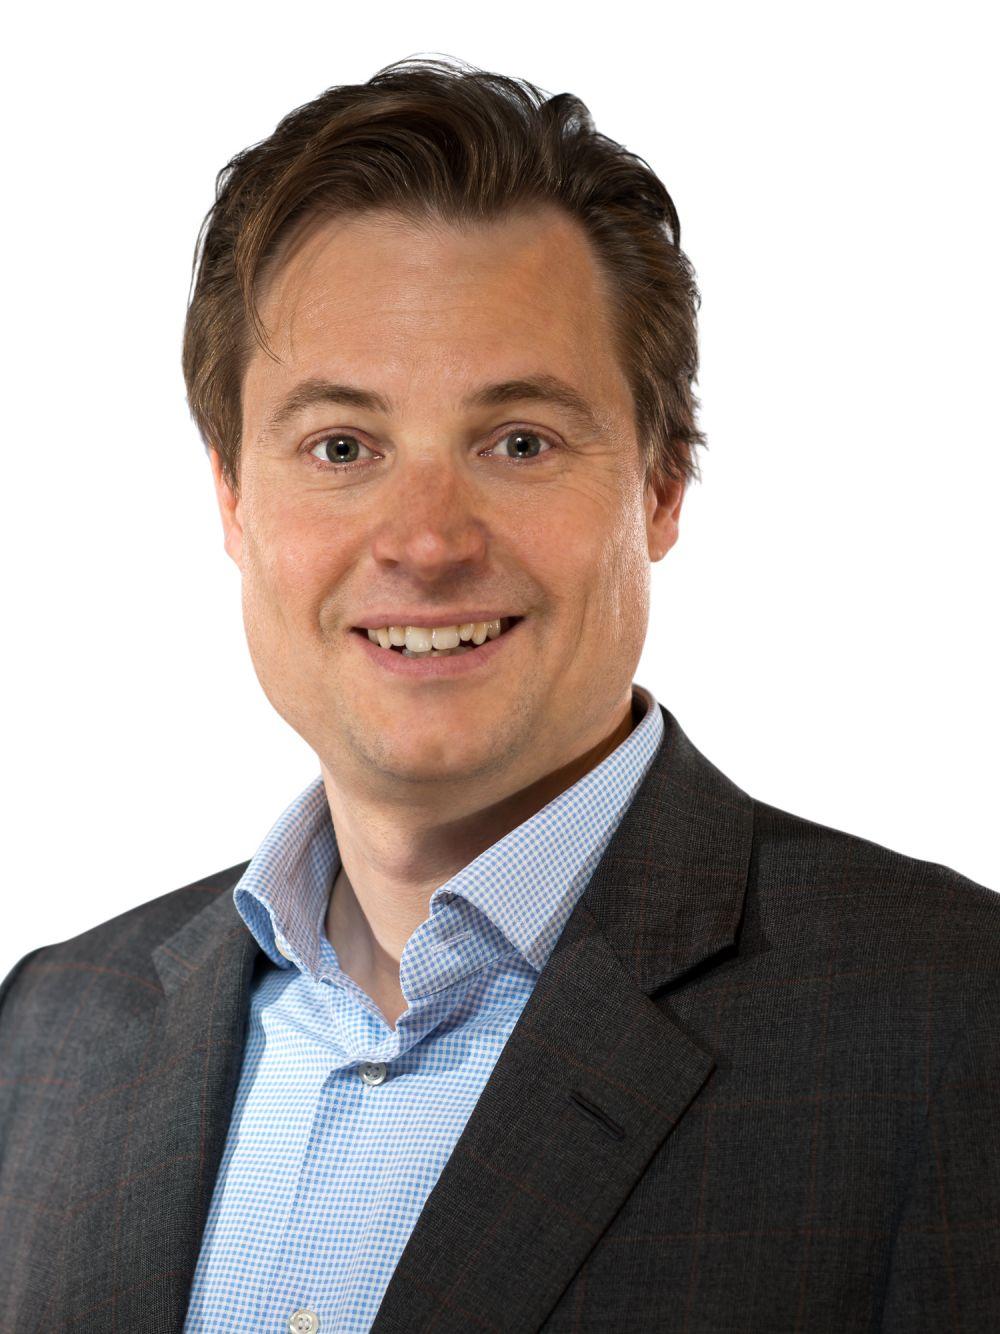 Jan Petzel